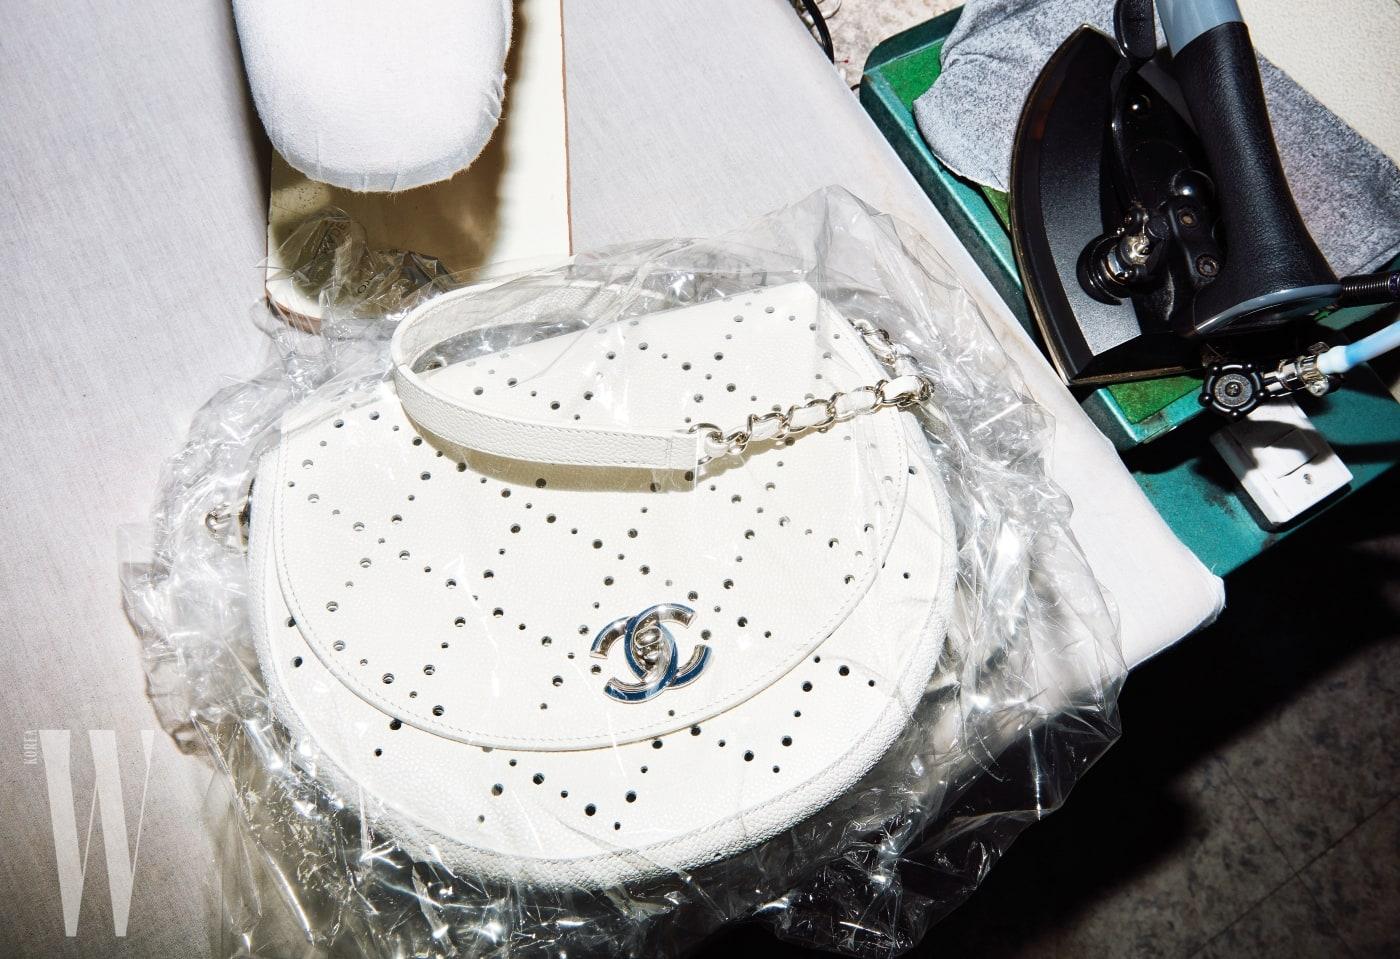 세탁 비닐에 싸인 펀칭 장식 숄더백은 샤넬 제품. 가격 미정.